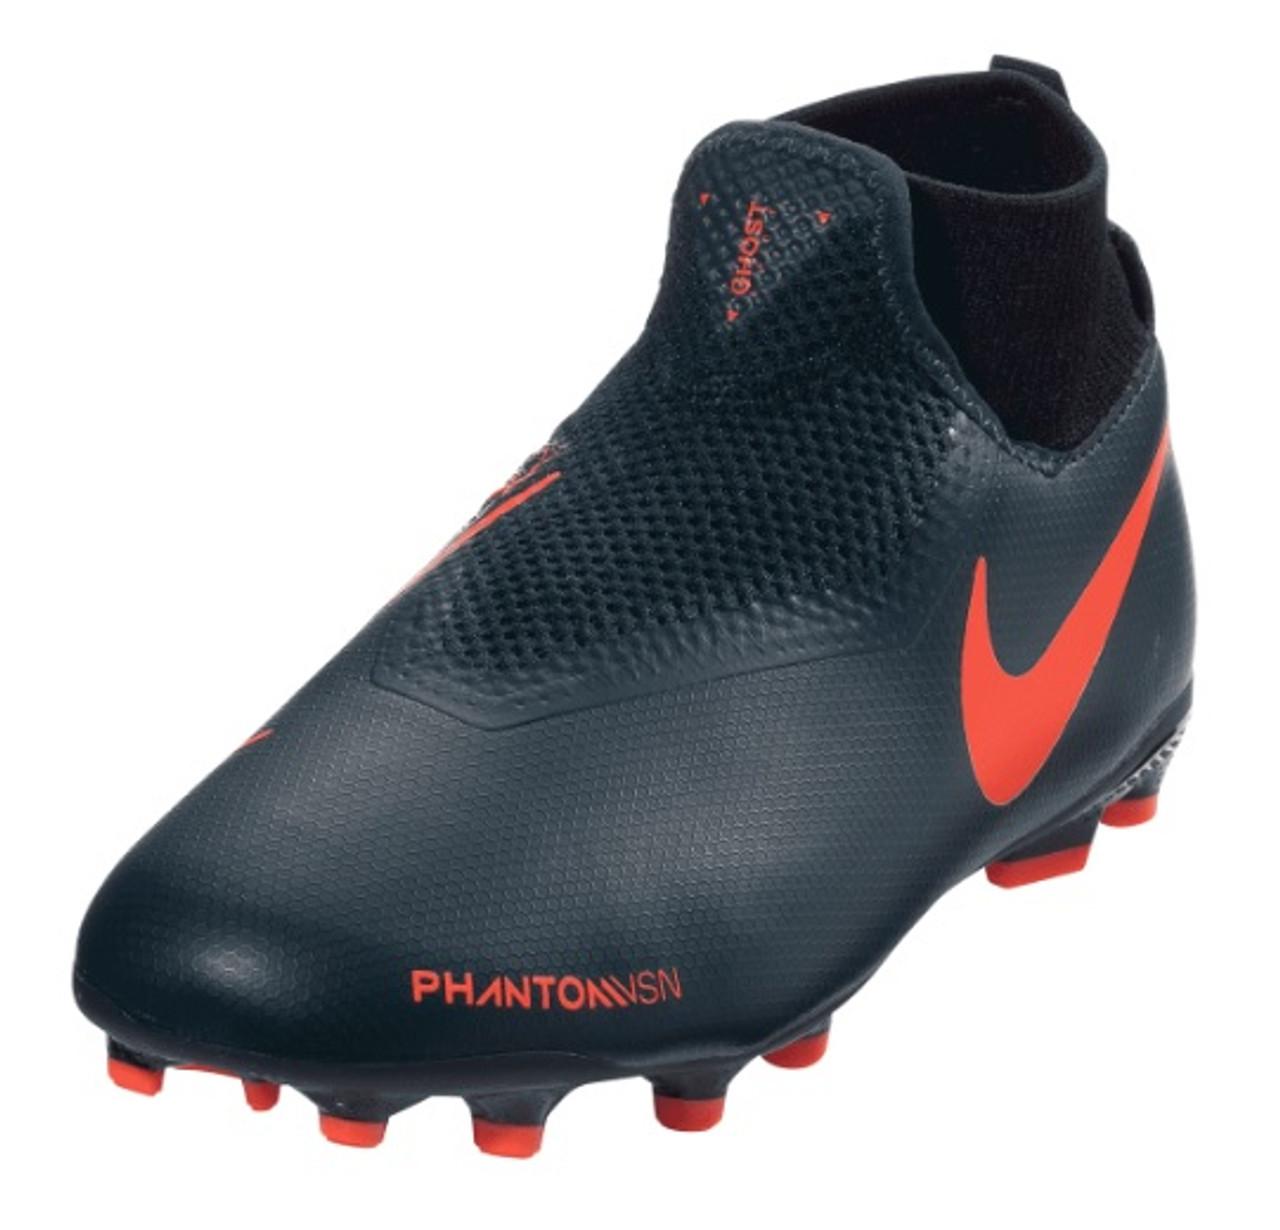 4859f55af90c Nike Jr. Phantom VSN Academy DF FG/MG - Obsidian/Bright Crimson/Black/Obsidian  (03519) - ohp soccer